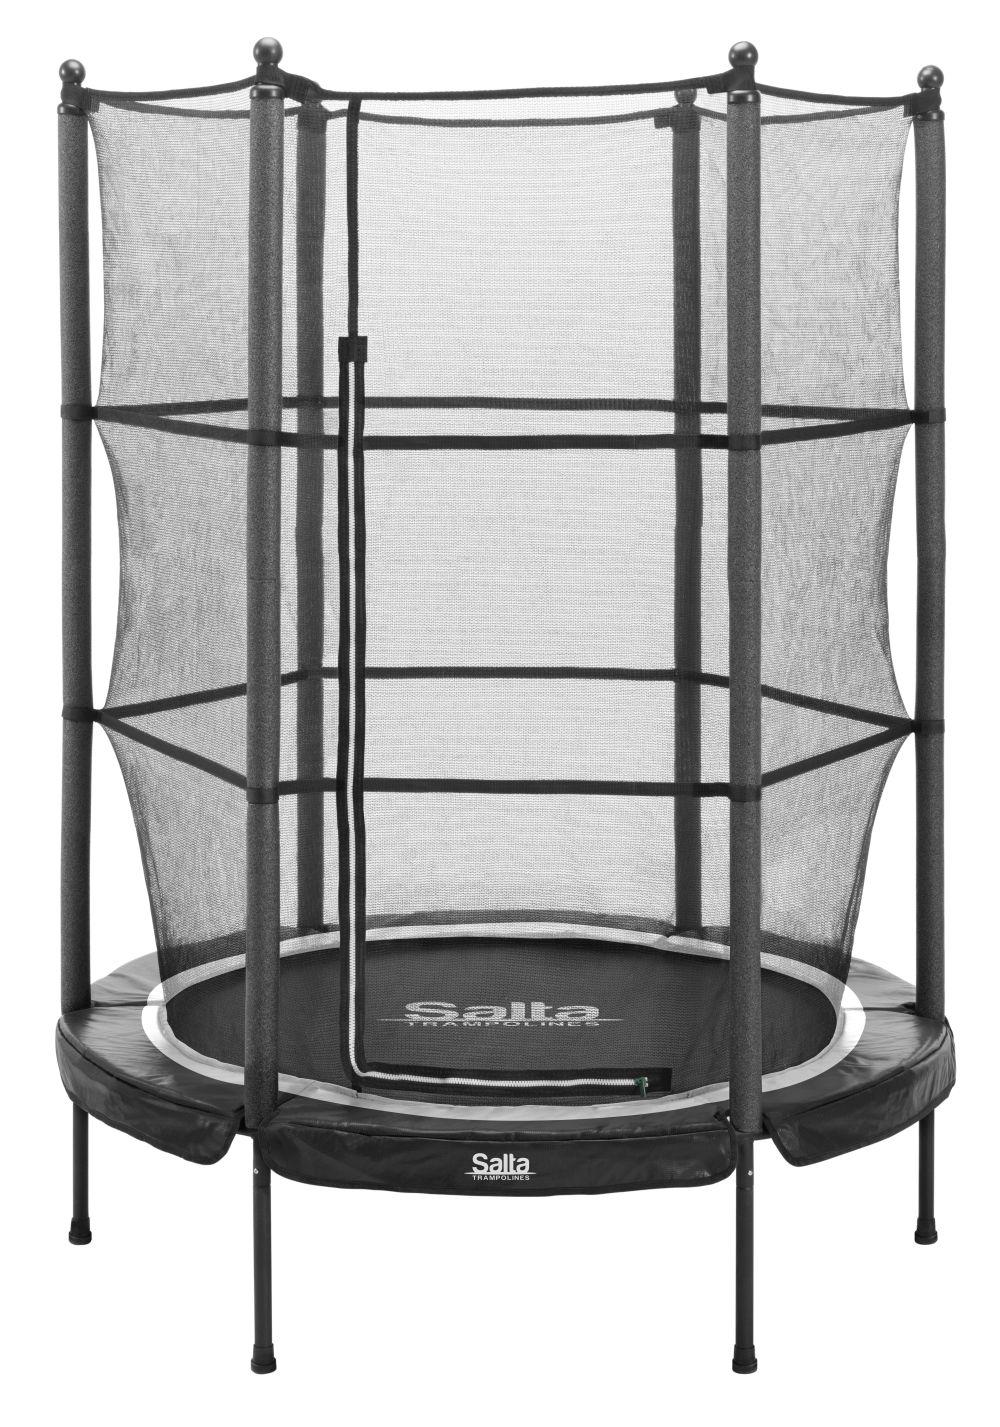 Van Wohi Salta Junior Trampoline - 140cm - Zwart (539A) Prijsvergelijk nu!